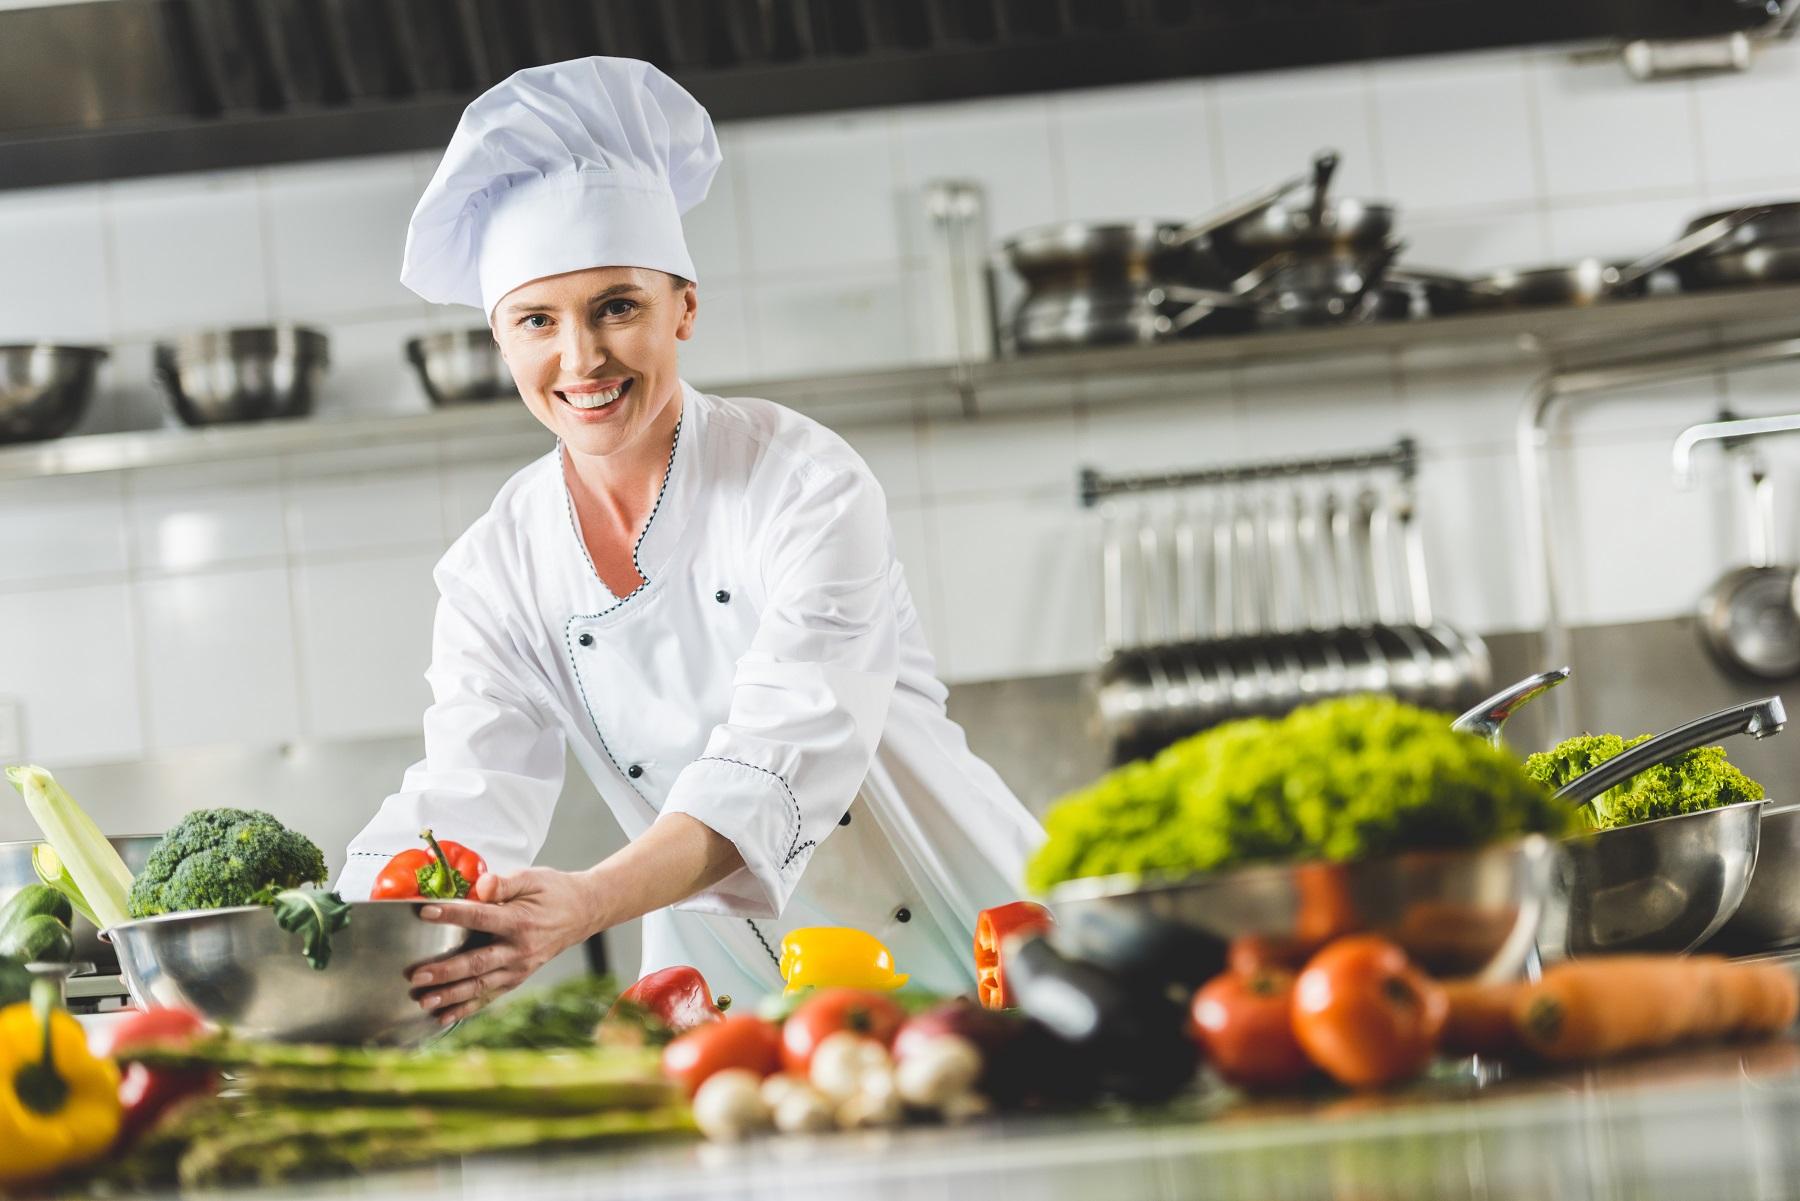 Igiene degli alimenti - corretta manipolazione